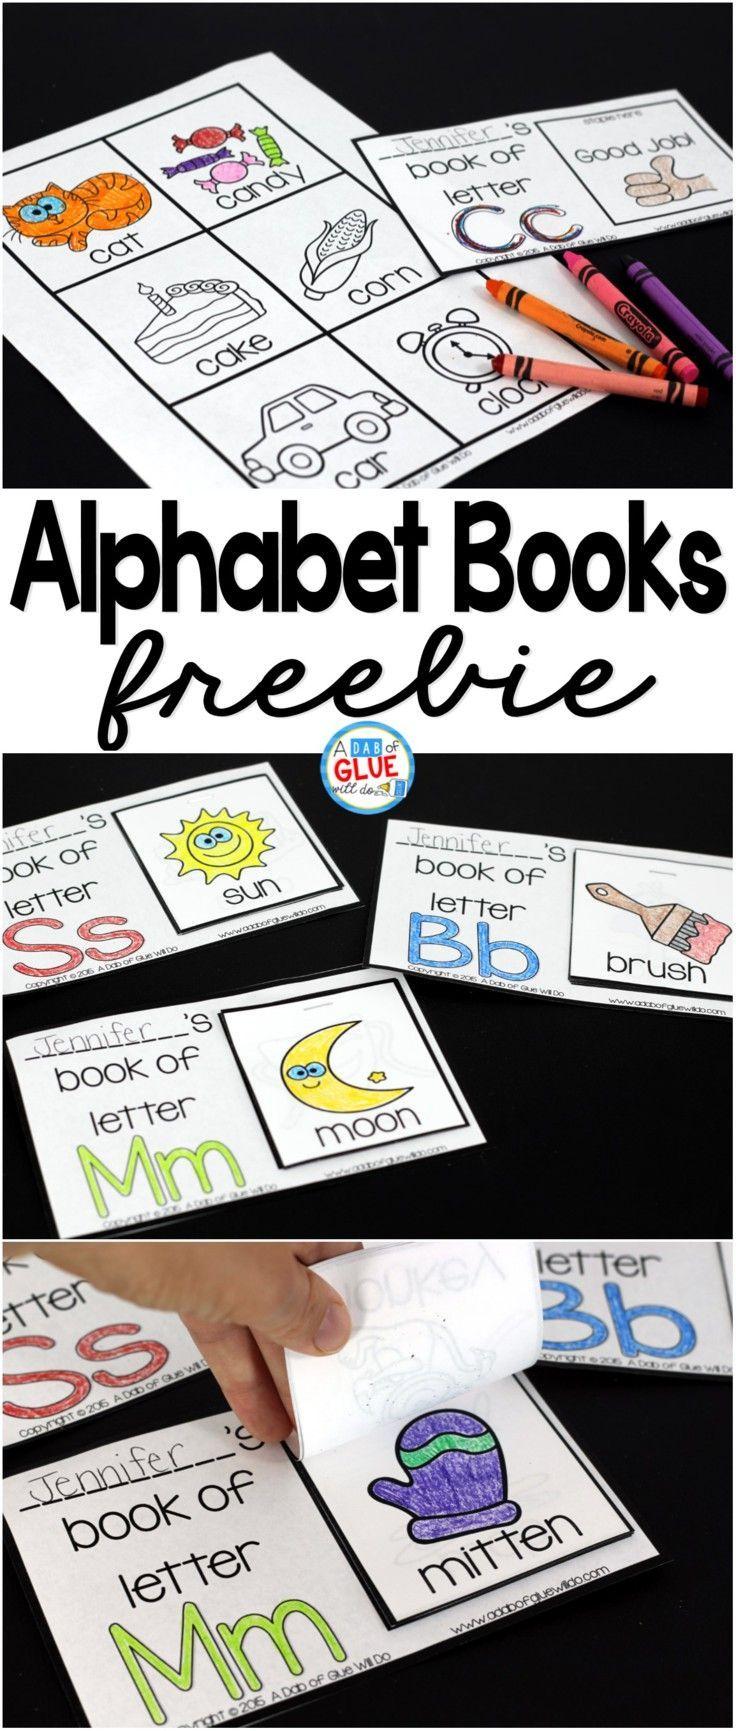 Alphabet books for preschool and kindergarten!